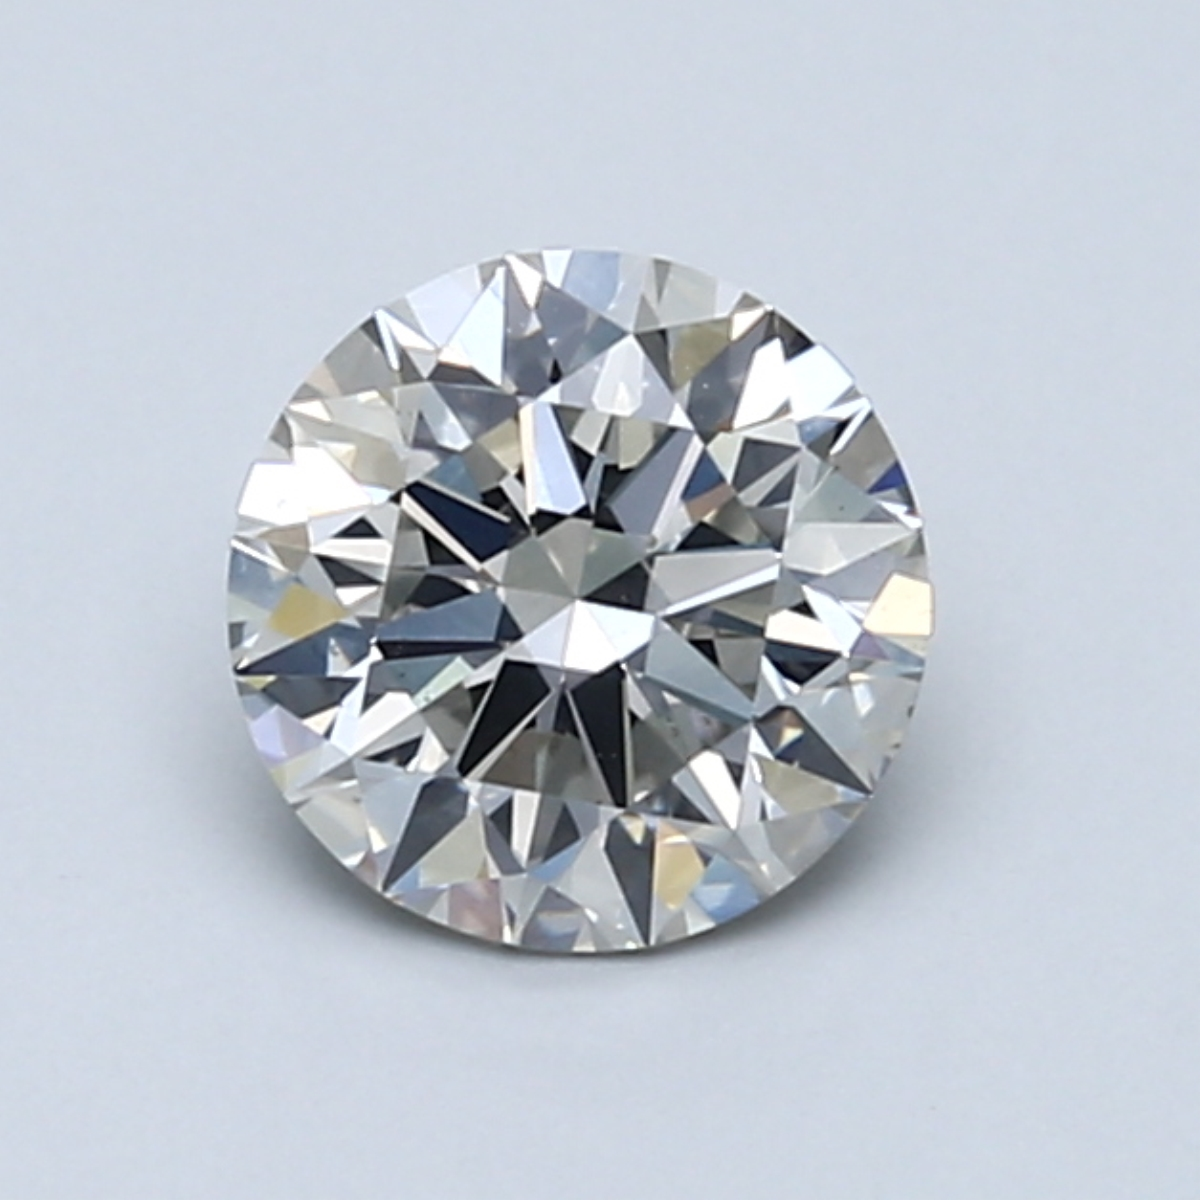 1.03-Carat Round Cut Diamond